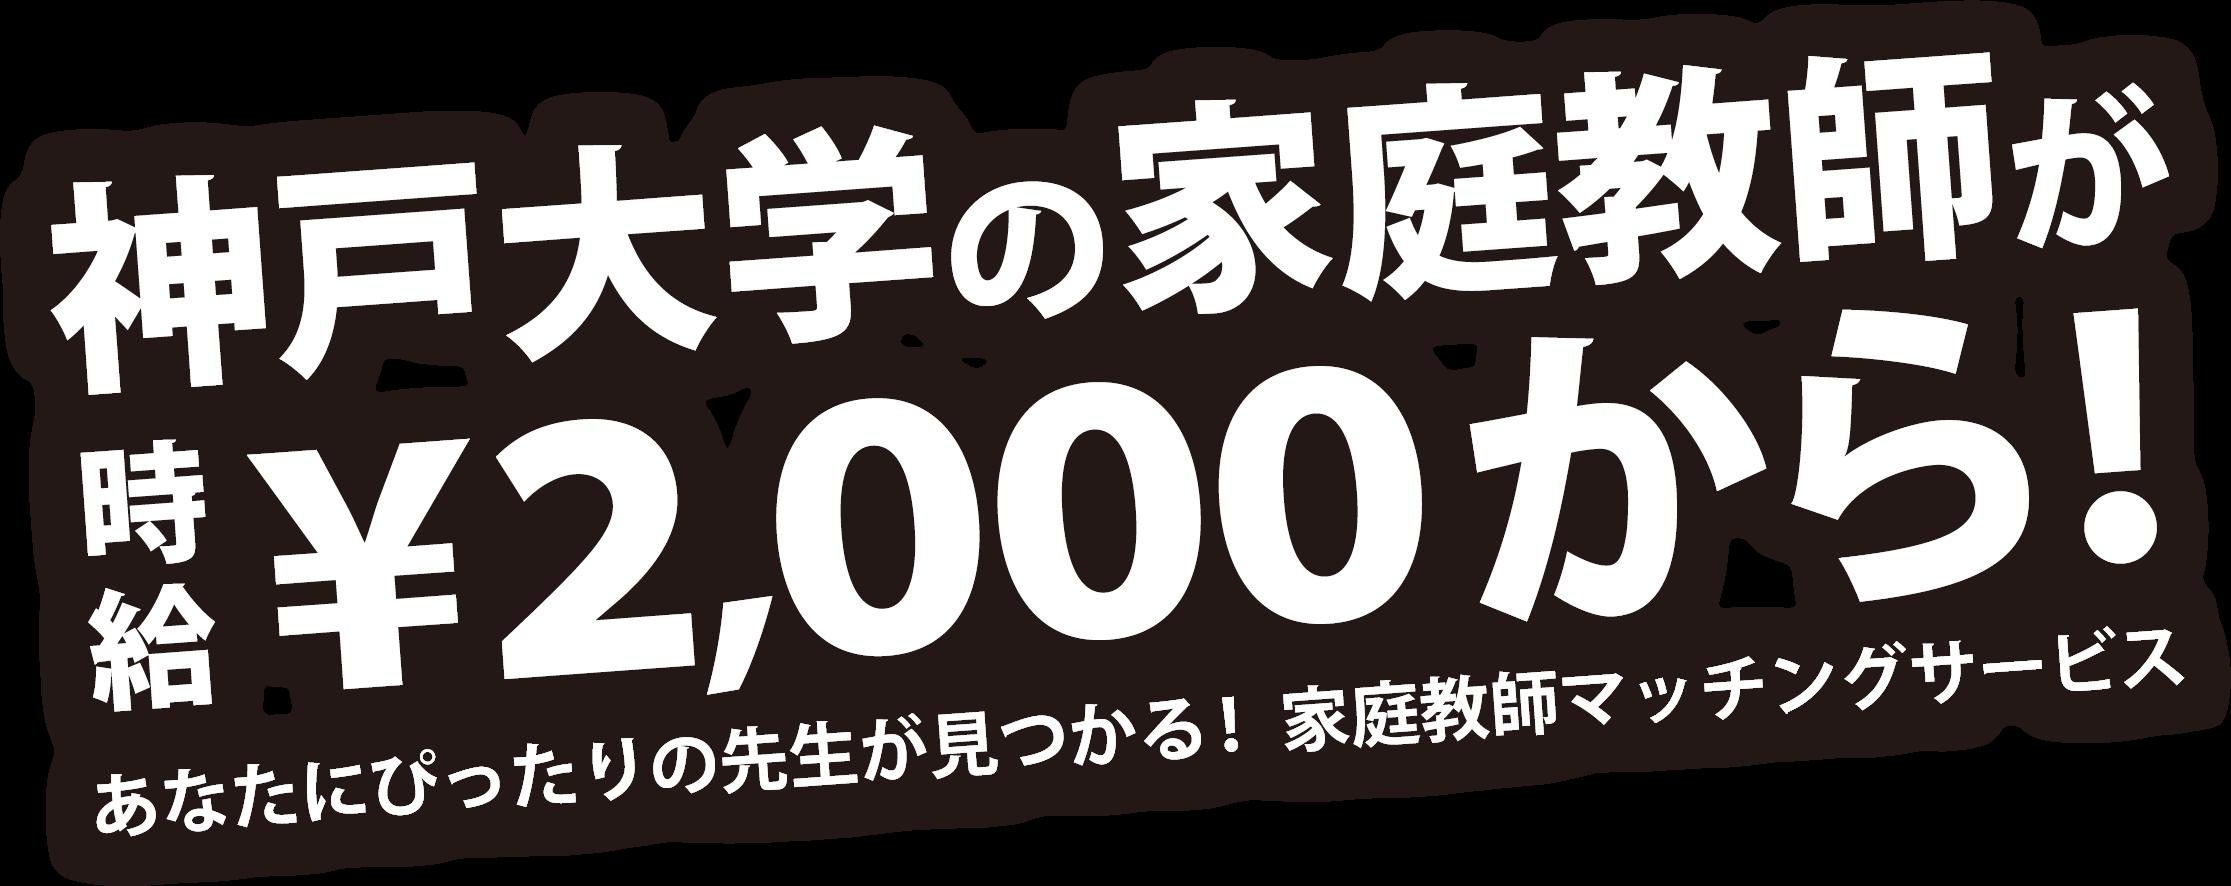 神戸大学の家庭教師が時給¥2,000から!あなたにぴったりの先生が見つかる!家庭教師マッチングサービス